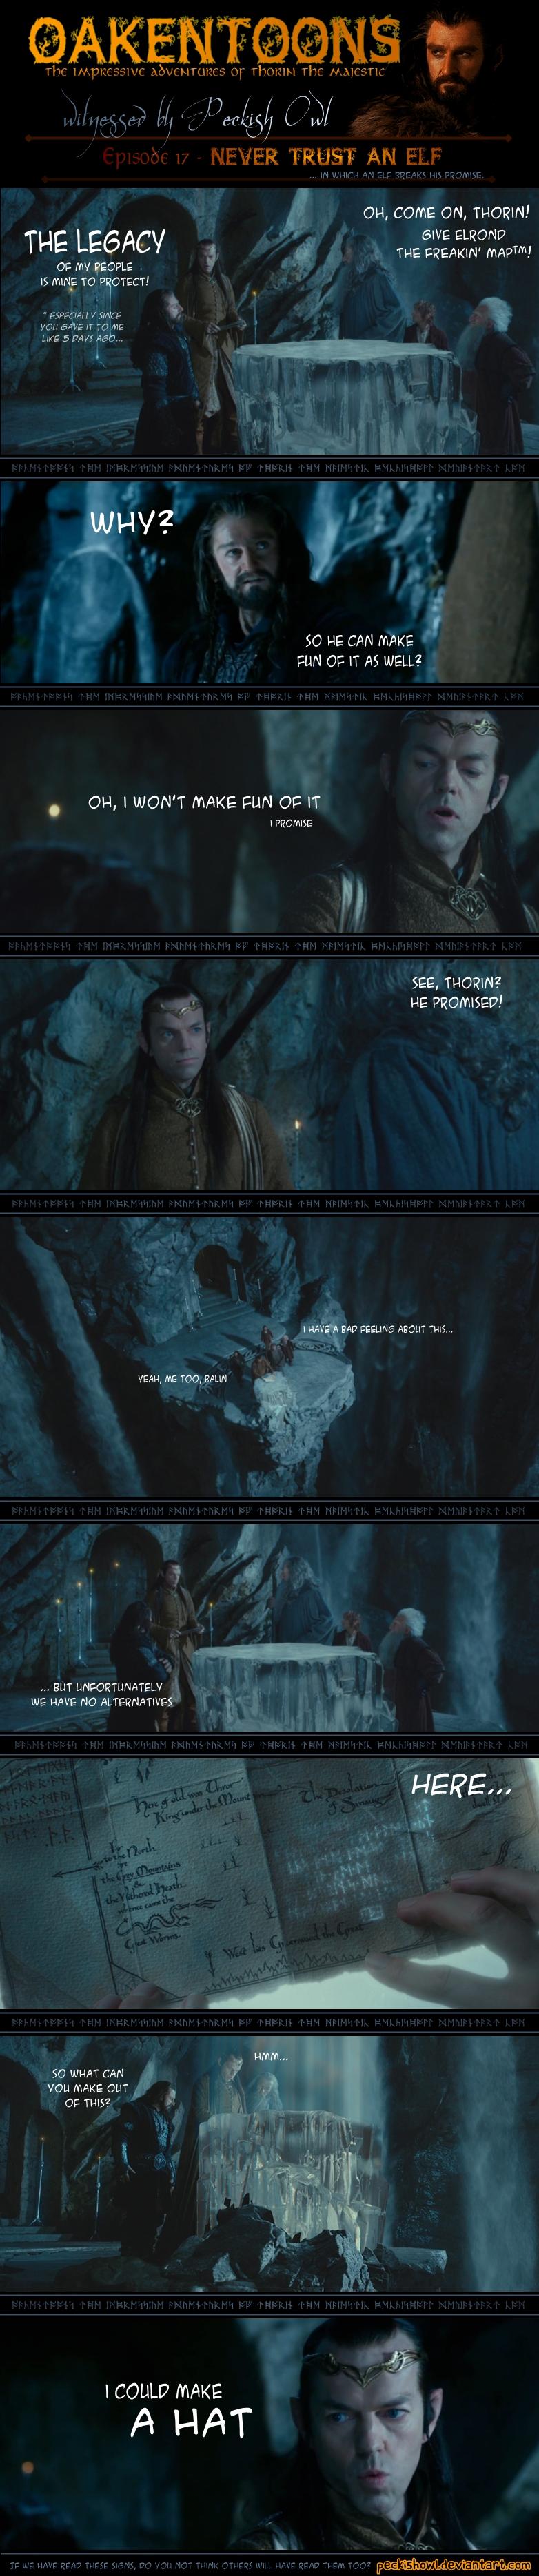 Oakentoon #17: Never trust an elf by PeckishOwl